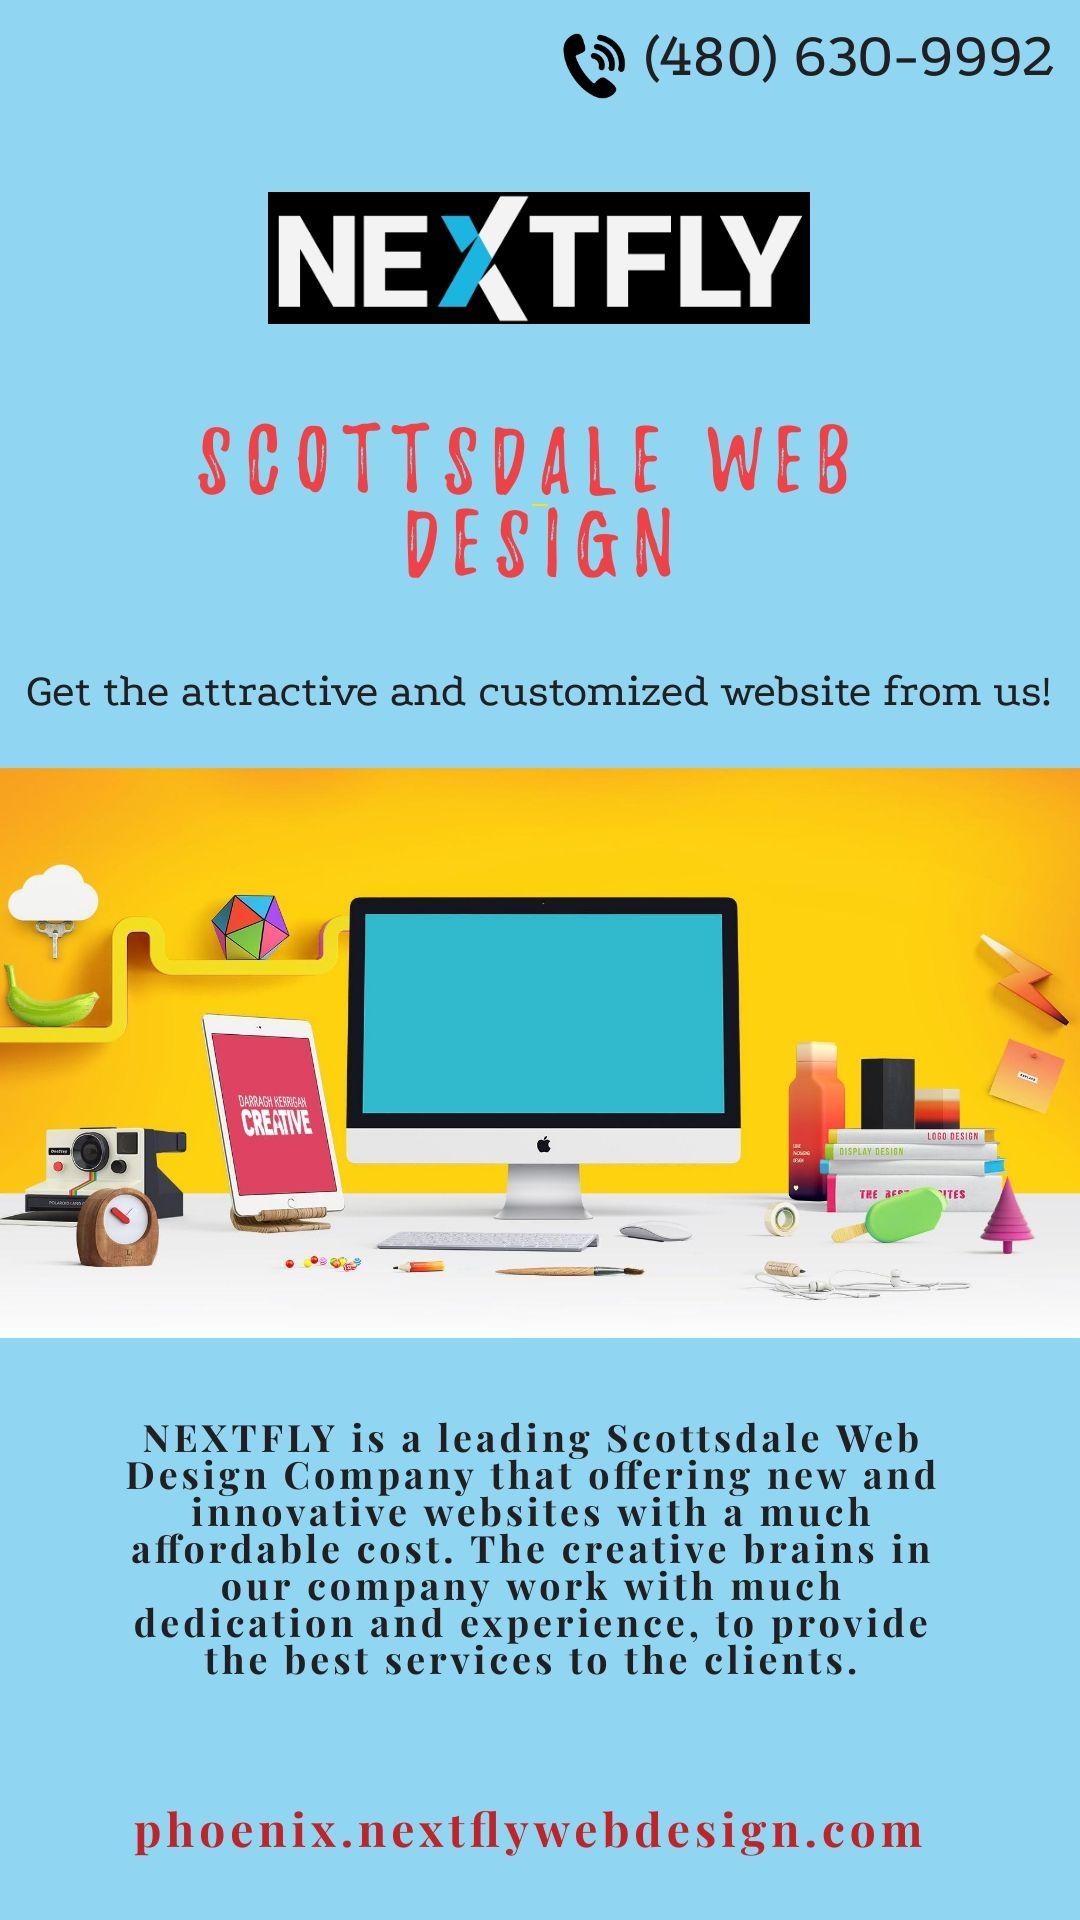 Scottsdale Web Design Web Design Innovative Websites Website Design Company